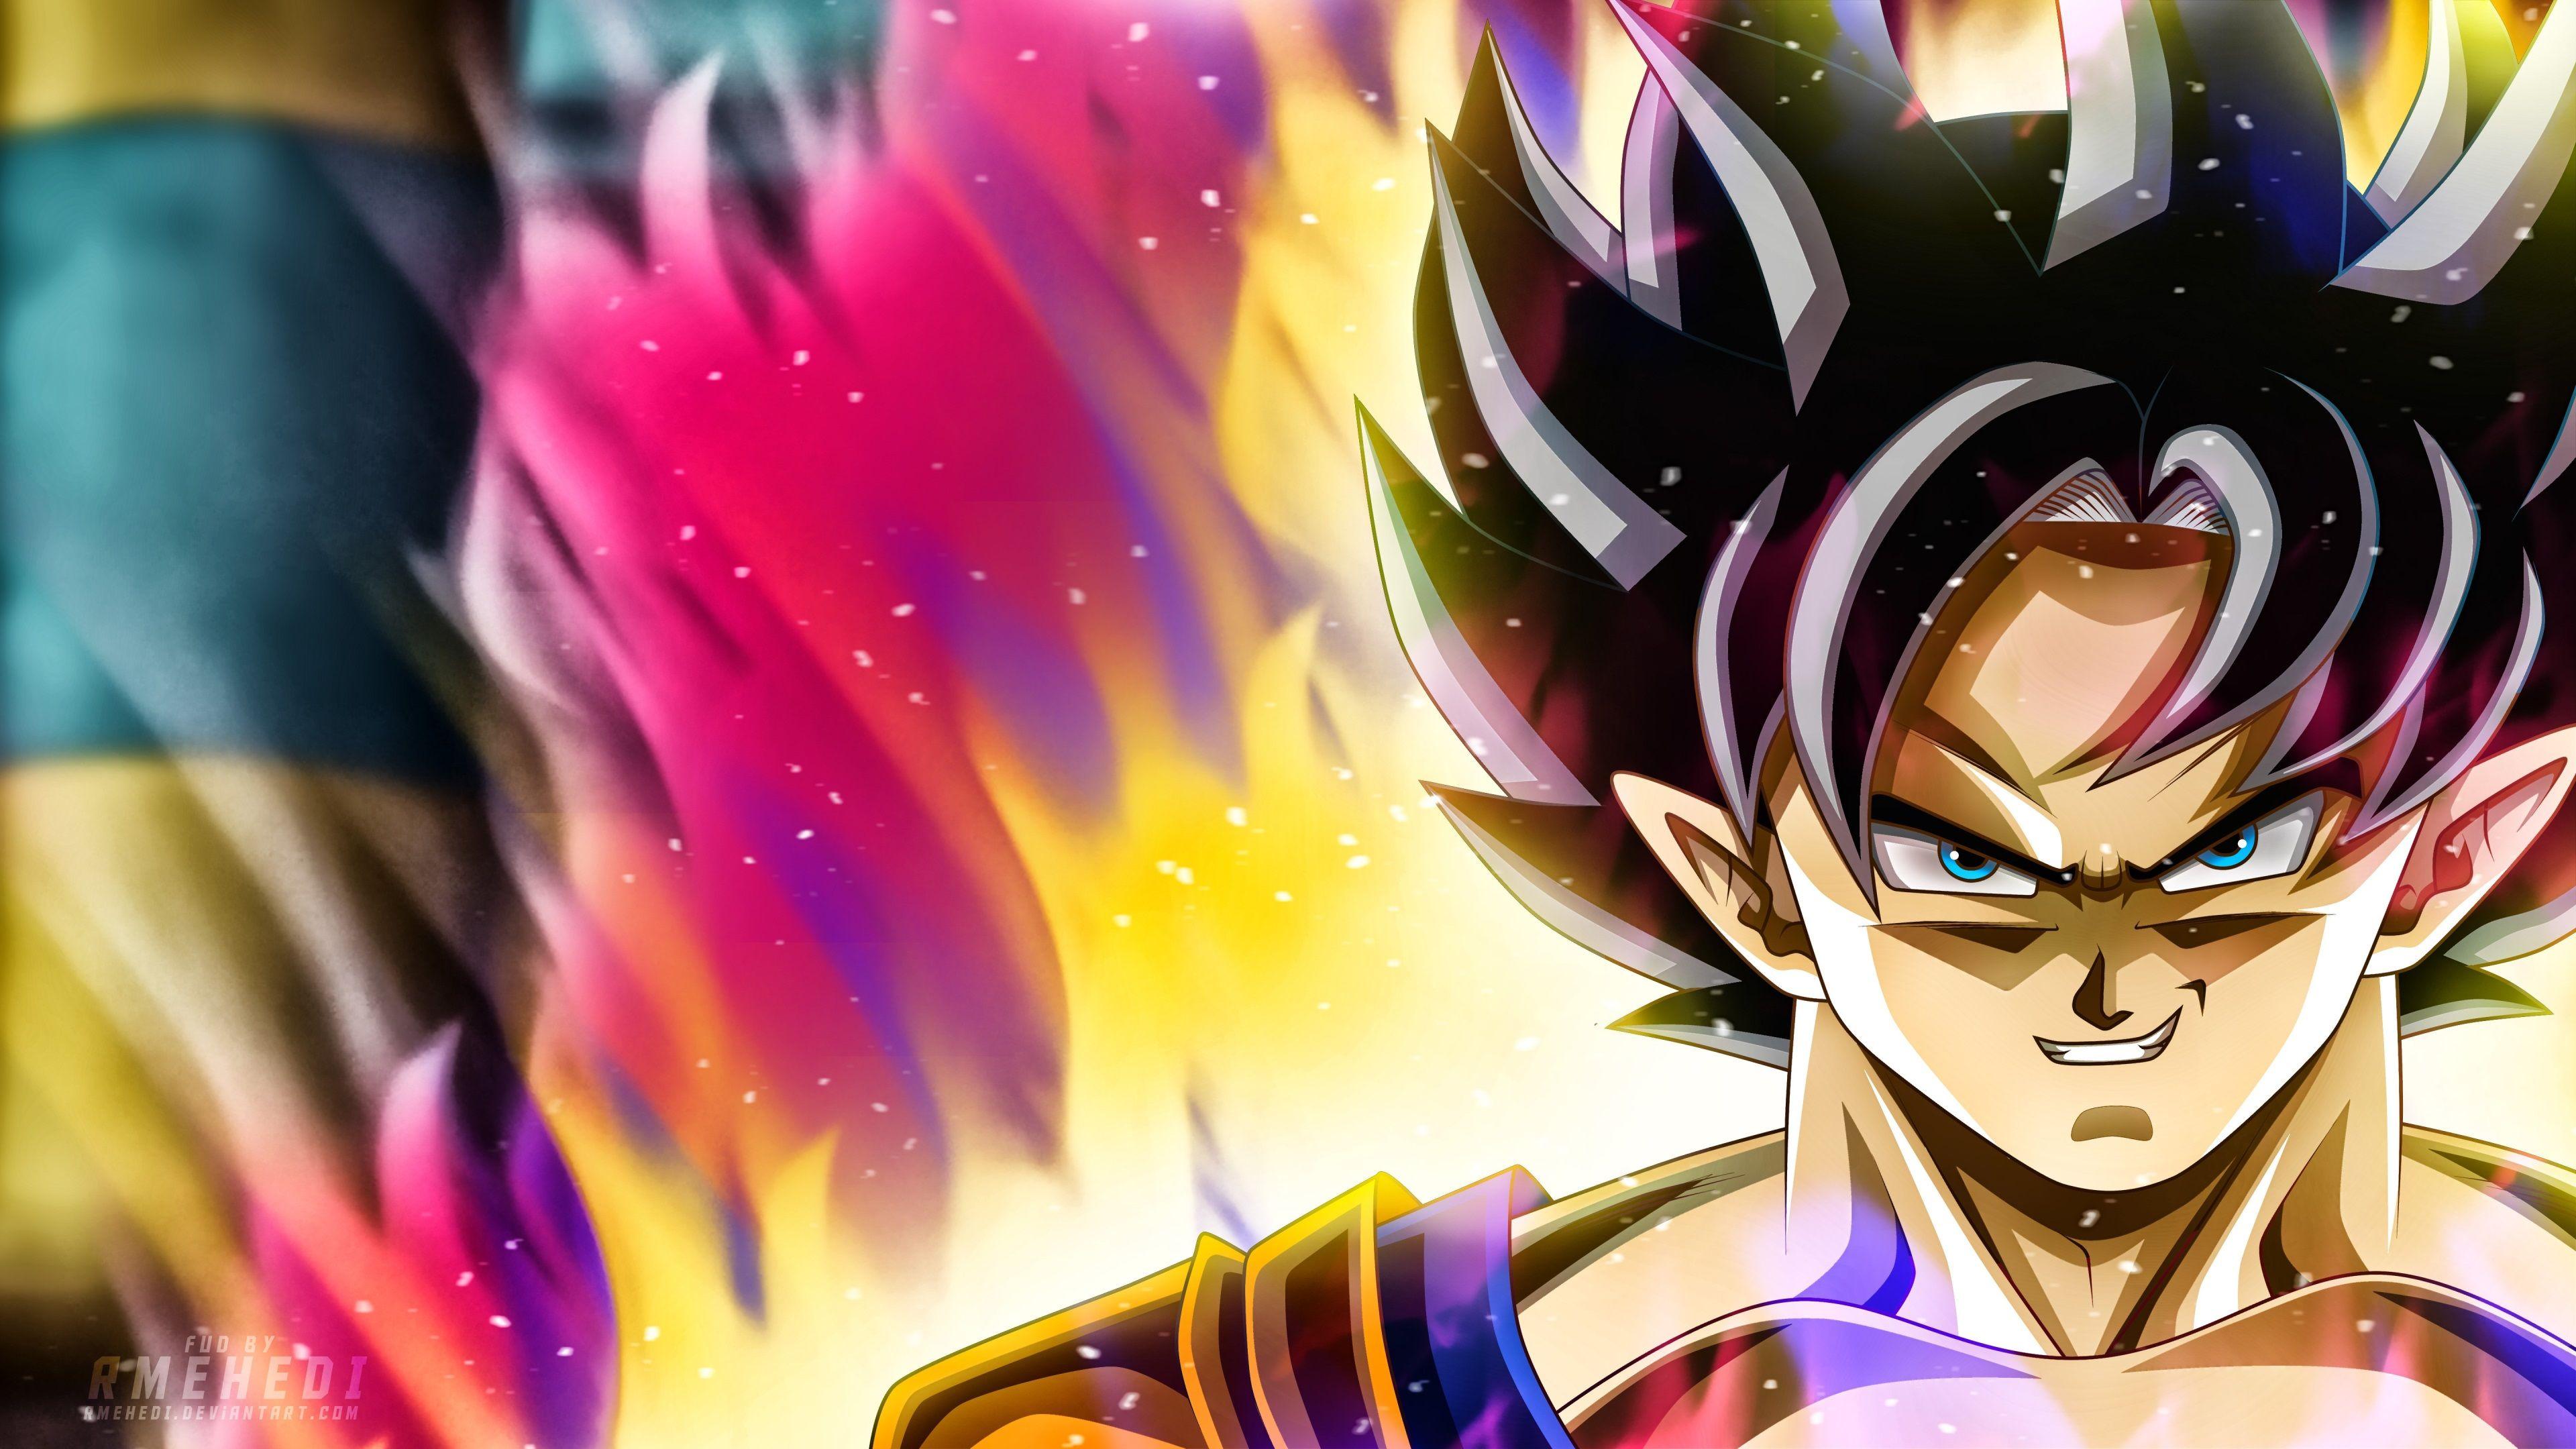 Hình nền Dragon Ball đầy màu sắc